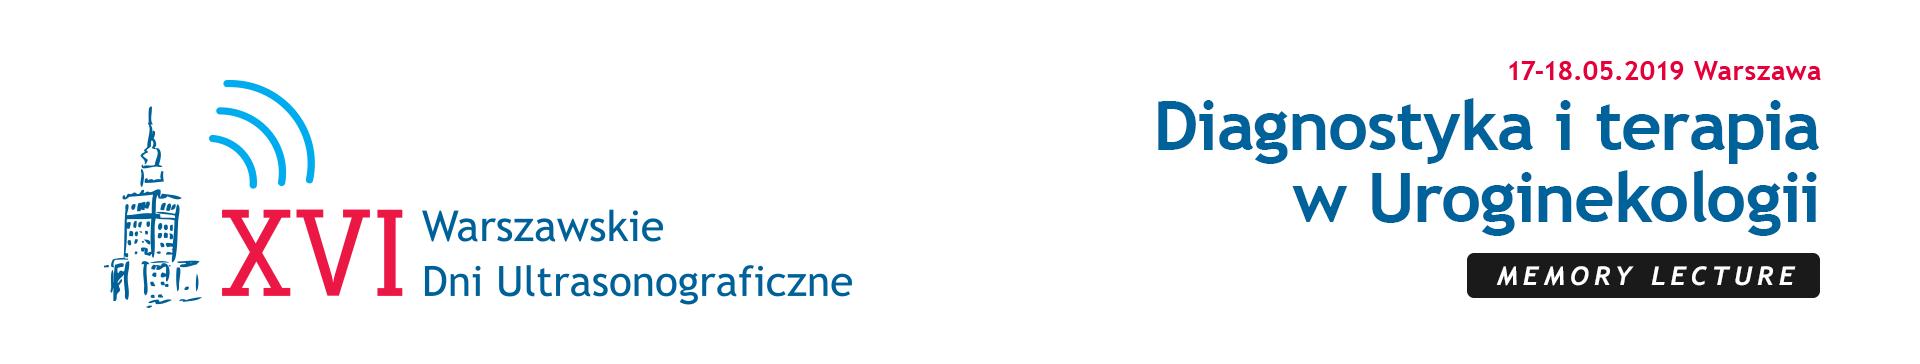 17-18.05.2019 XVI Warszawskie Dni Ultrasonograficzne – Diagnostyka i terapia w Uroginekologii